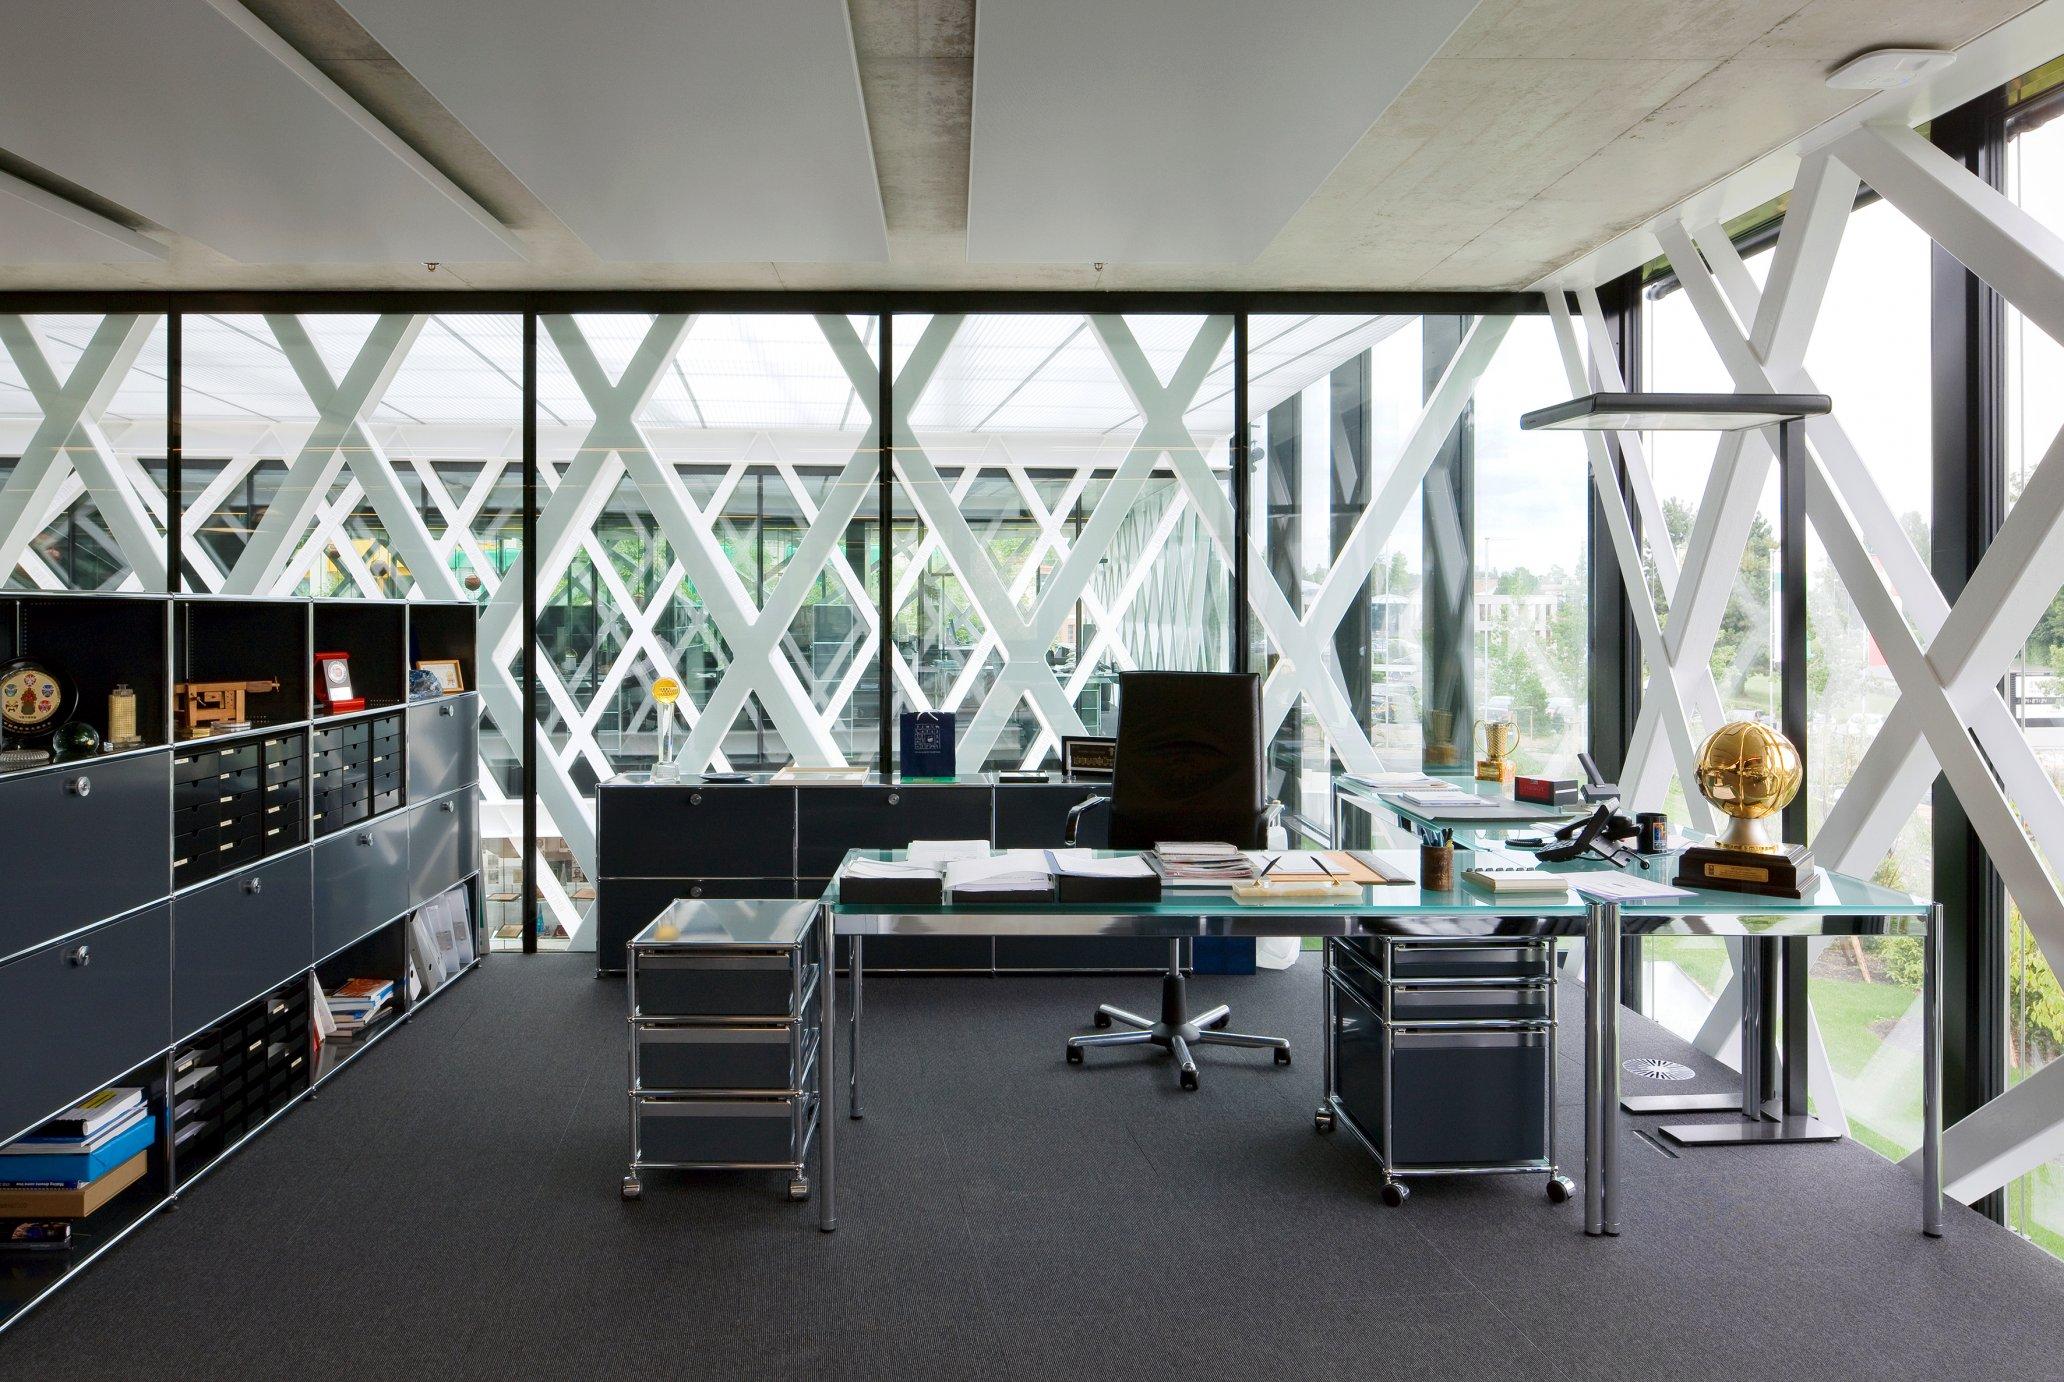 usm haller in stuttgart 49 711 620 090 00 usm haller furniture from. Black Bedroom Furniture Sets. Home Design Ideas